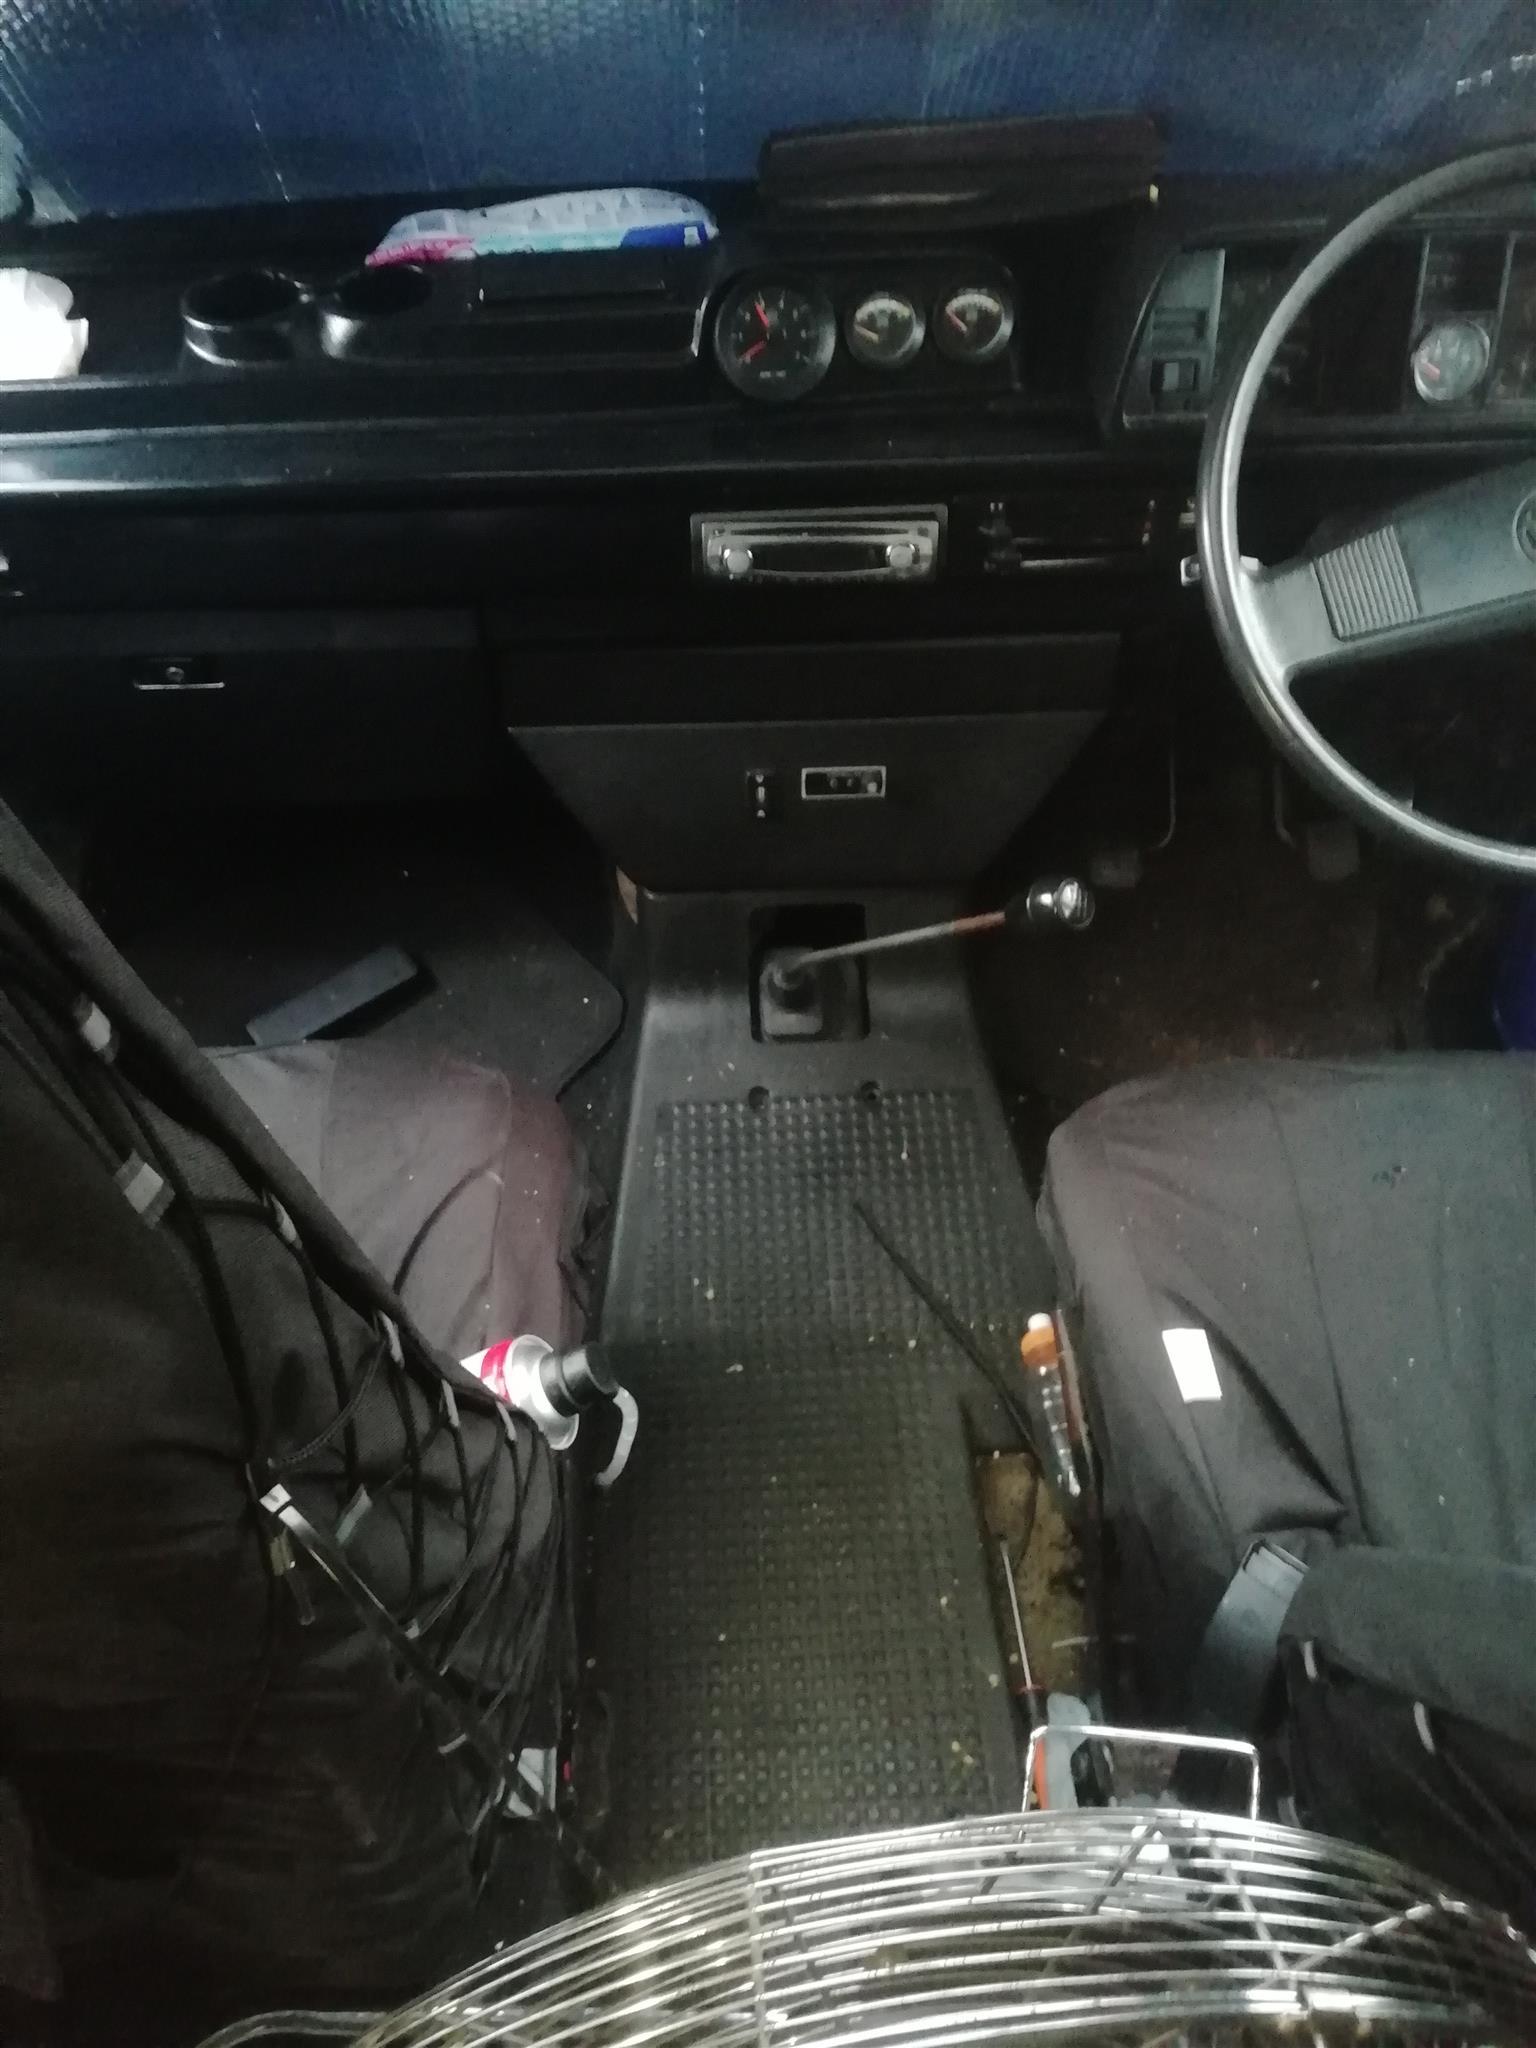 1984 VW Kombi 2.0TDI 103kW LWB